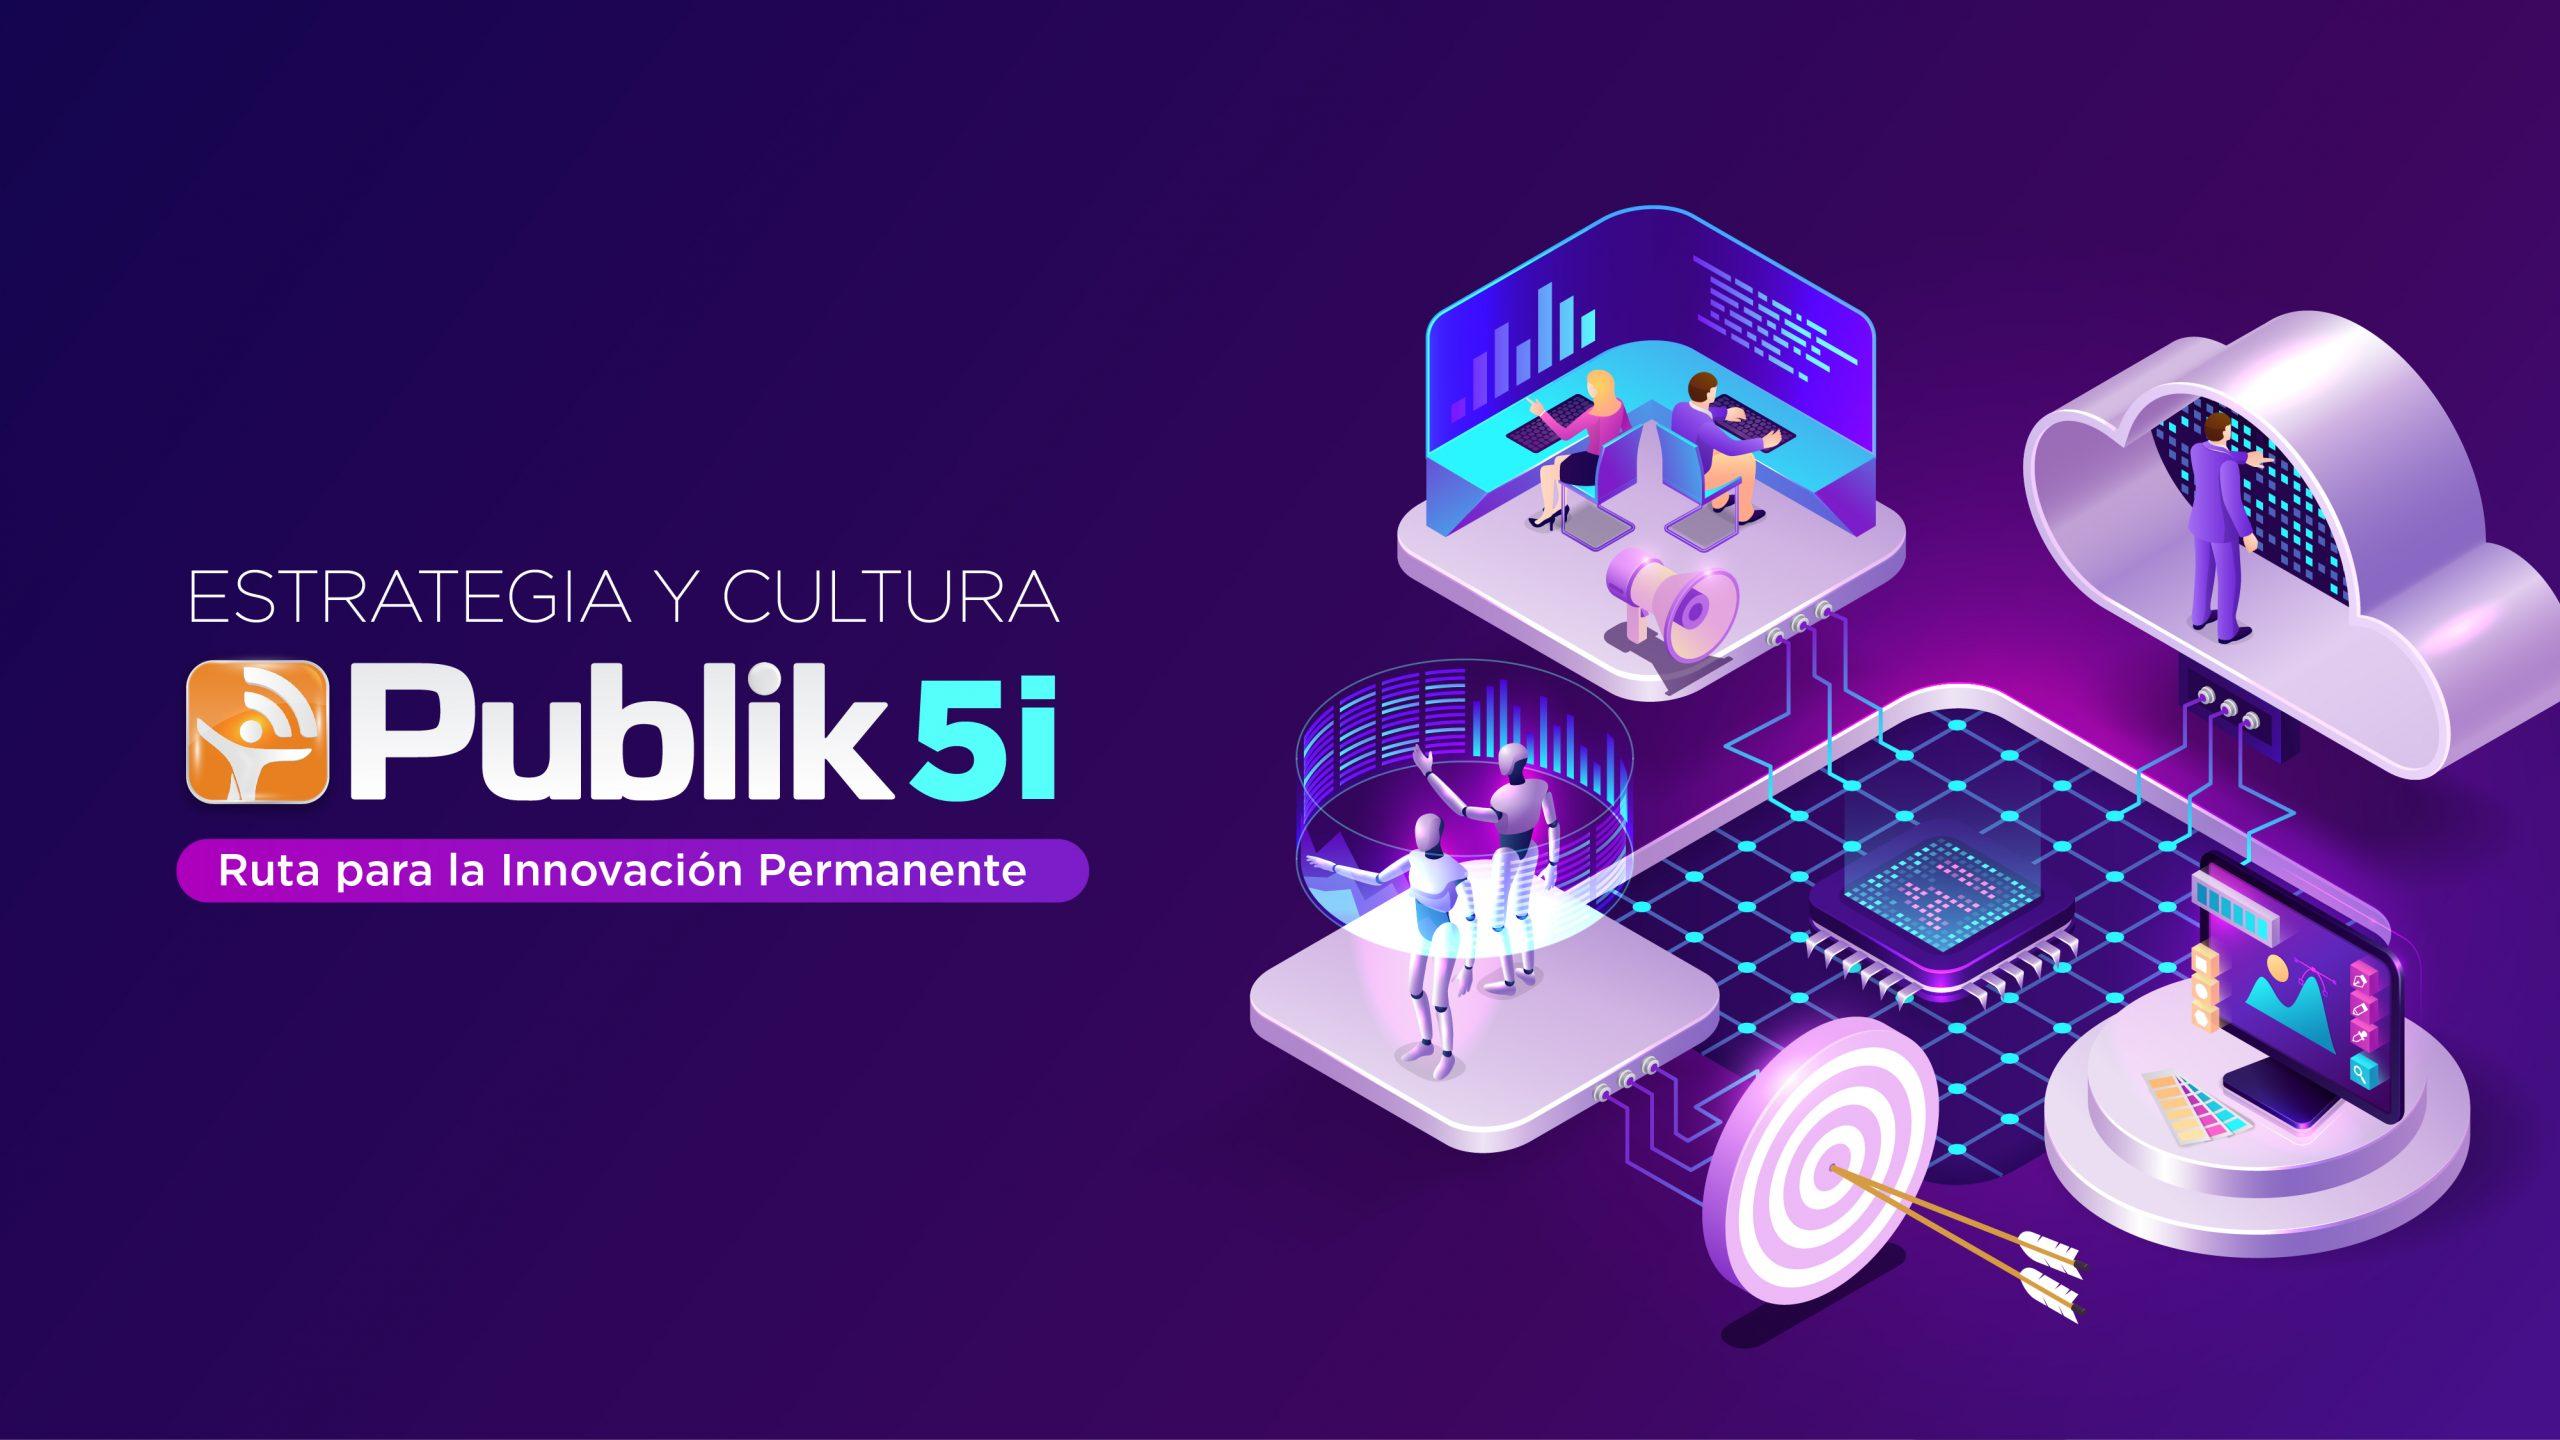 Estrategia y cultura Publik 5i-01